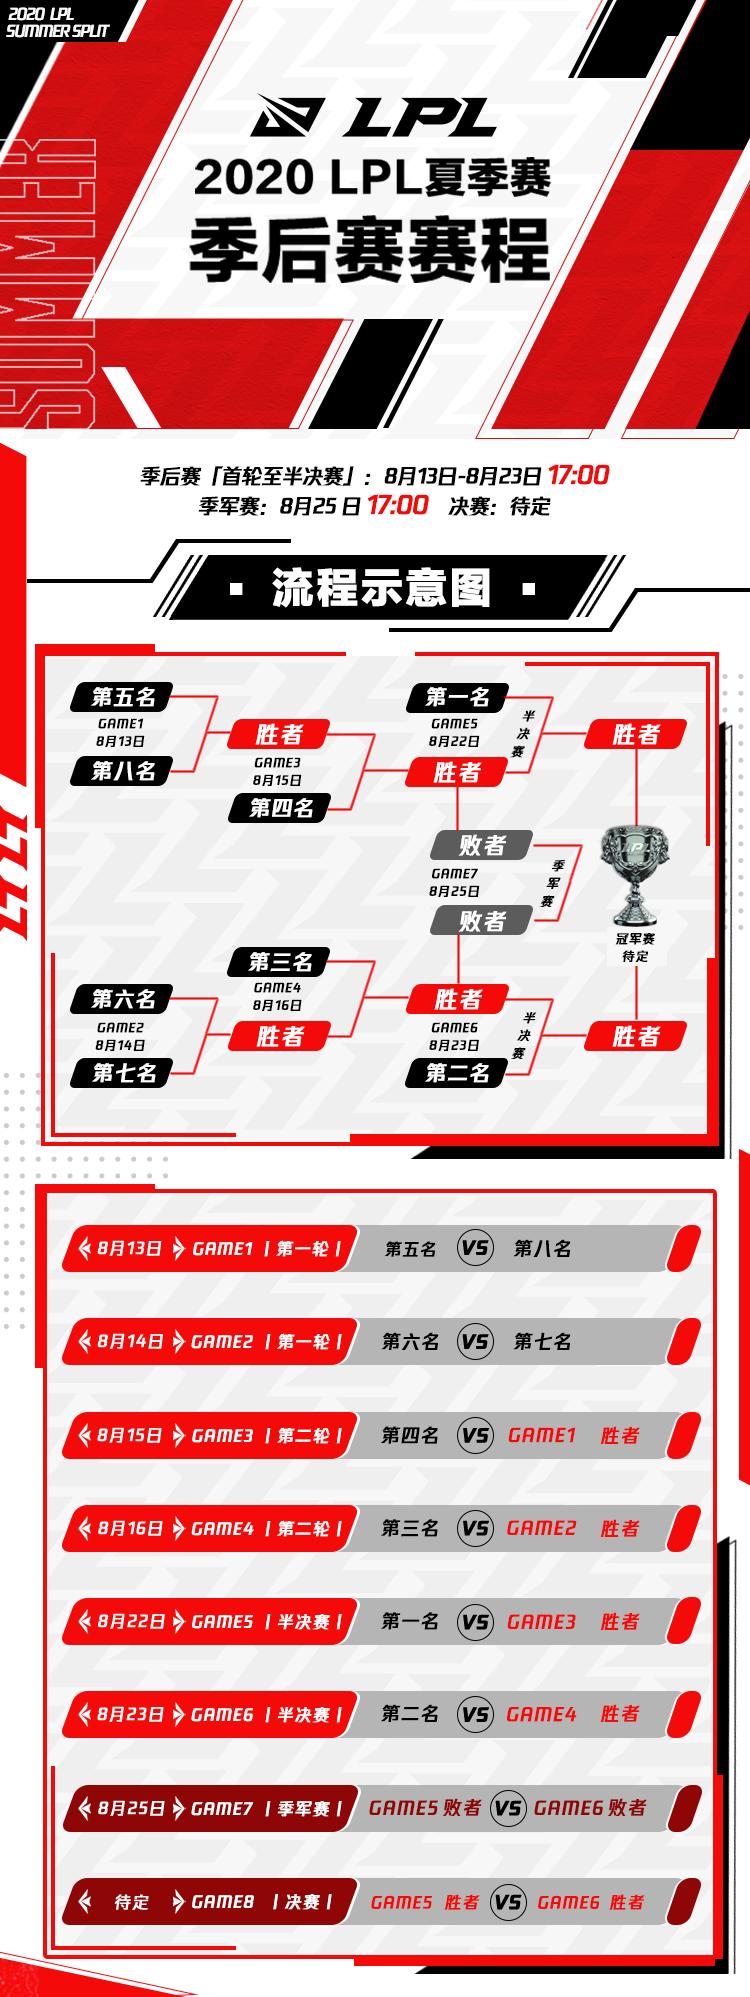 lpl2020夏季赛季后赛规则